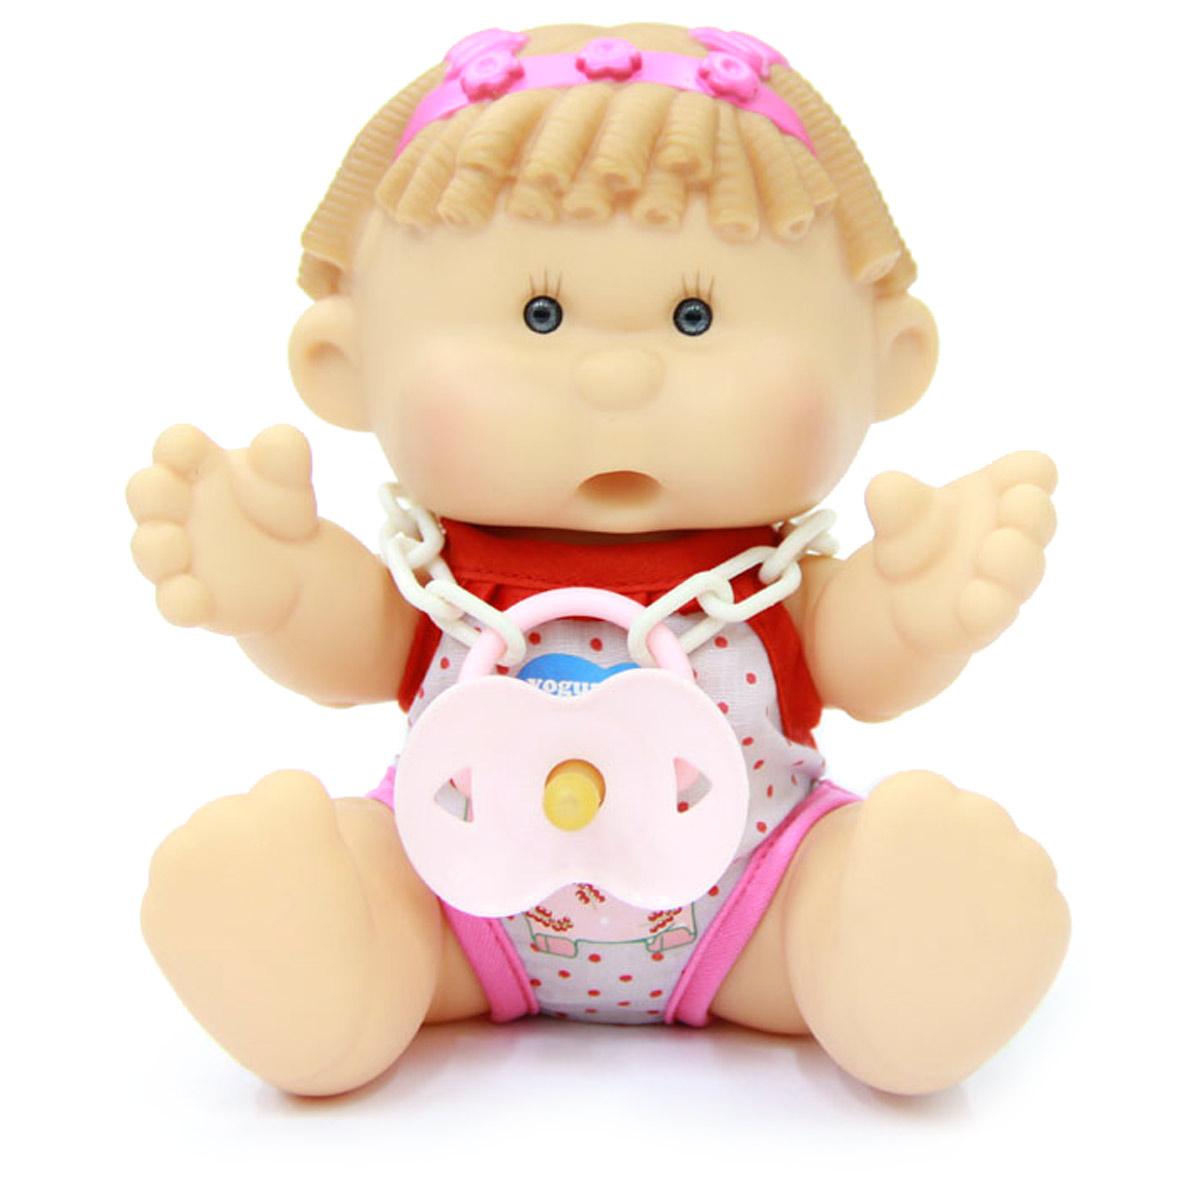 Yogurtinis Пупс Инесс Смородина15002-4Кукла-пупс Yogurtinis Инесс Смородина - порадует вашу малышку и доставит ей много удовольствия от часов, посвященных игре с ней. Пупс - симпатичная и ароматизированная игрушка, от которой исходит приятный и ненавязчивый аромат смородины. На шее у Инесс имеется соска на пластиковой цепочке, которую можно вставить в ротик пупсу. Кукла выполнена из резины, что позволяет брать ее с собой во время купания или же просто искупать отдельно. Части тела у пупсика подвижные, поэтому он может принимать разнообразные положения. Пупс упакован в пластиковую фирменную баночку. Каждая девочка сможет подобрать себе пупса Yogurtinis, ориентируясь на свои «фруктовые» предпочтения. Игра с куклой разовьет в вашей малышке чувство ответственности и заботы. Порадуйте свою принцессу таким великолепным подарком.